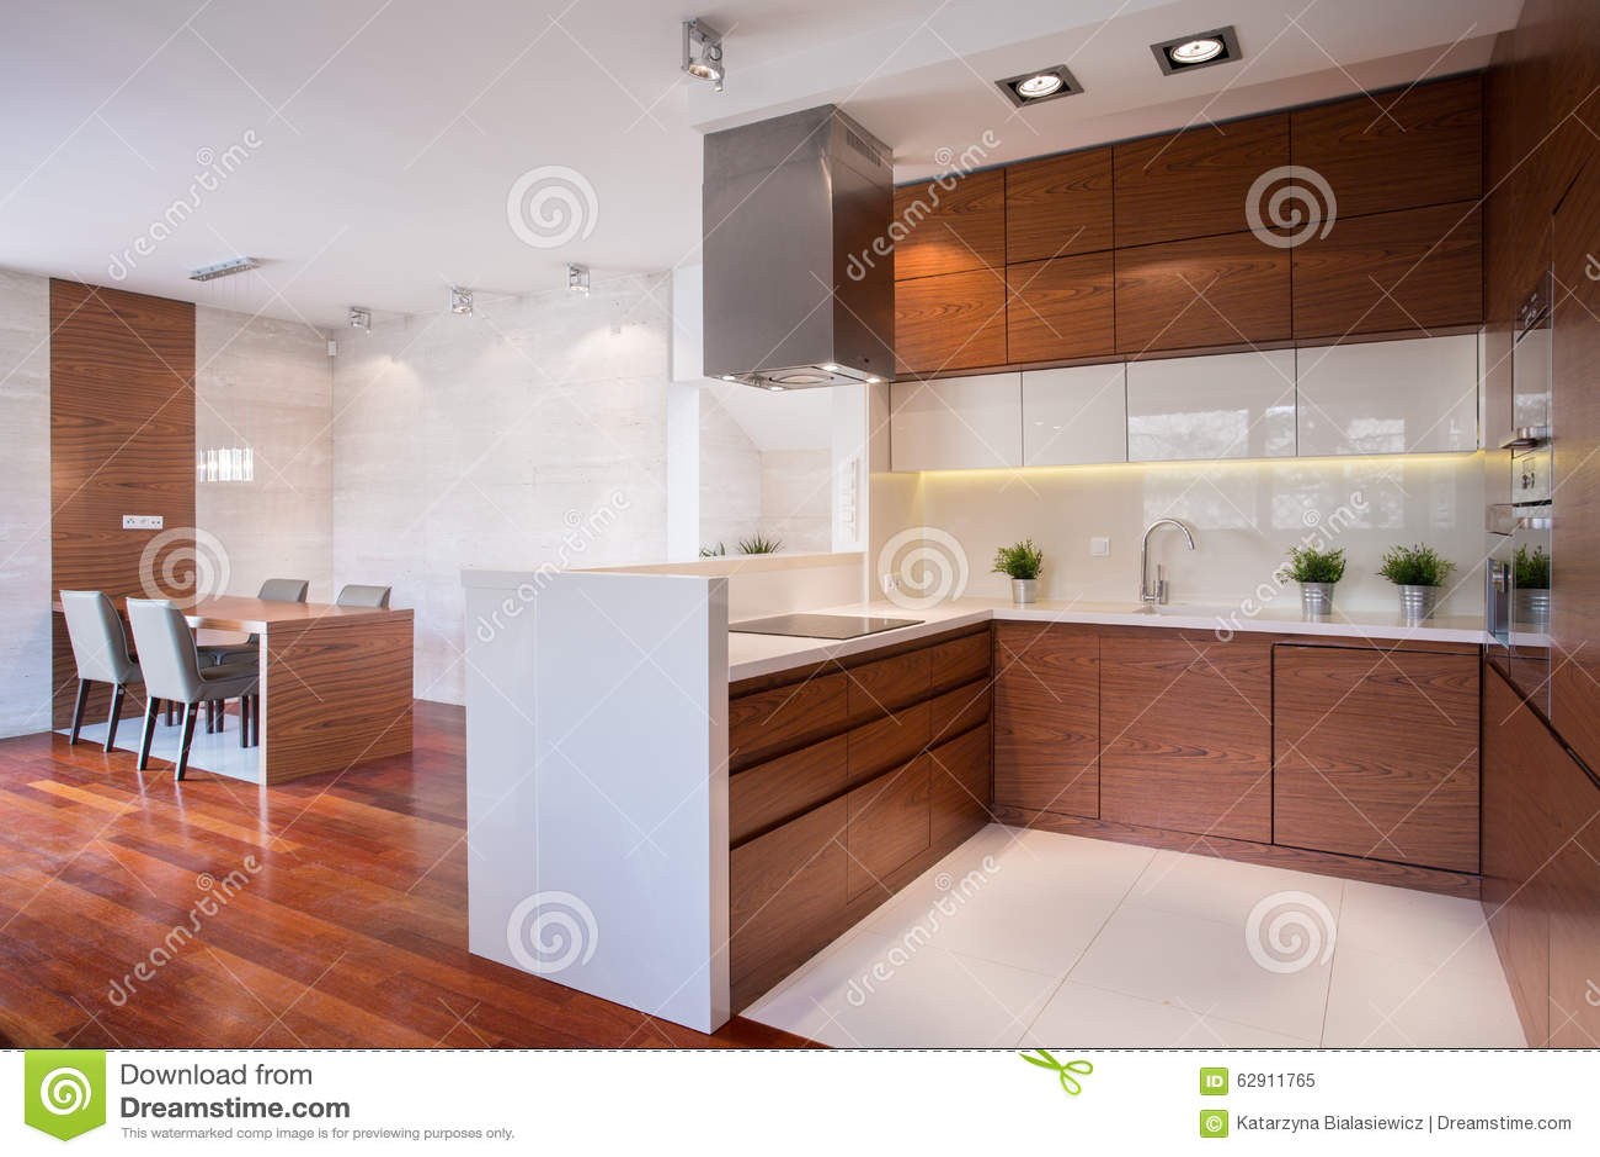 Moderne Keuken In Hout Stock Foto - Afbeelding: 62911765